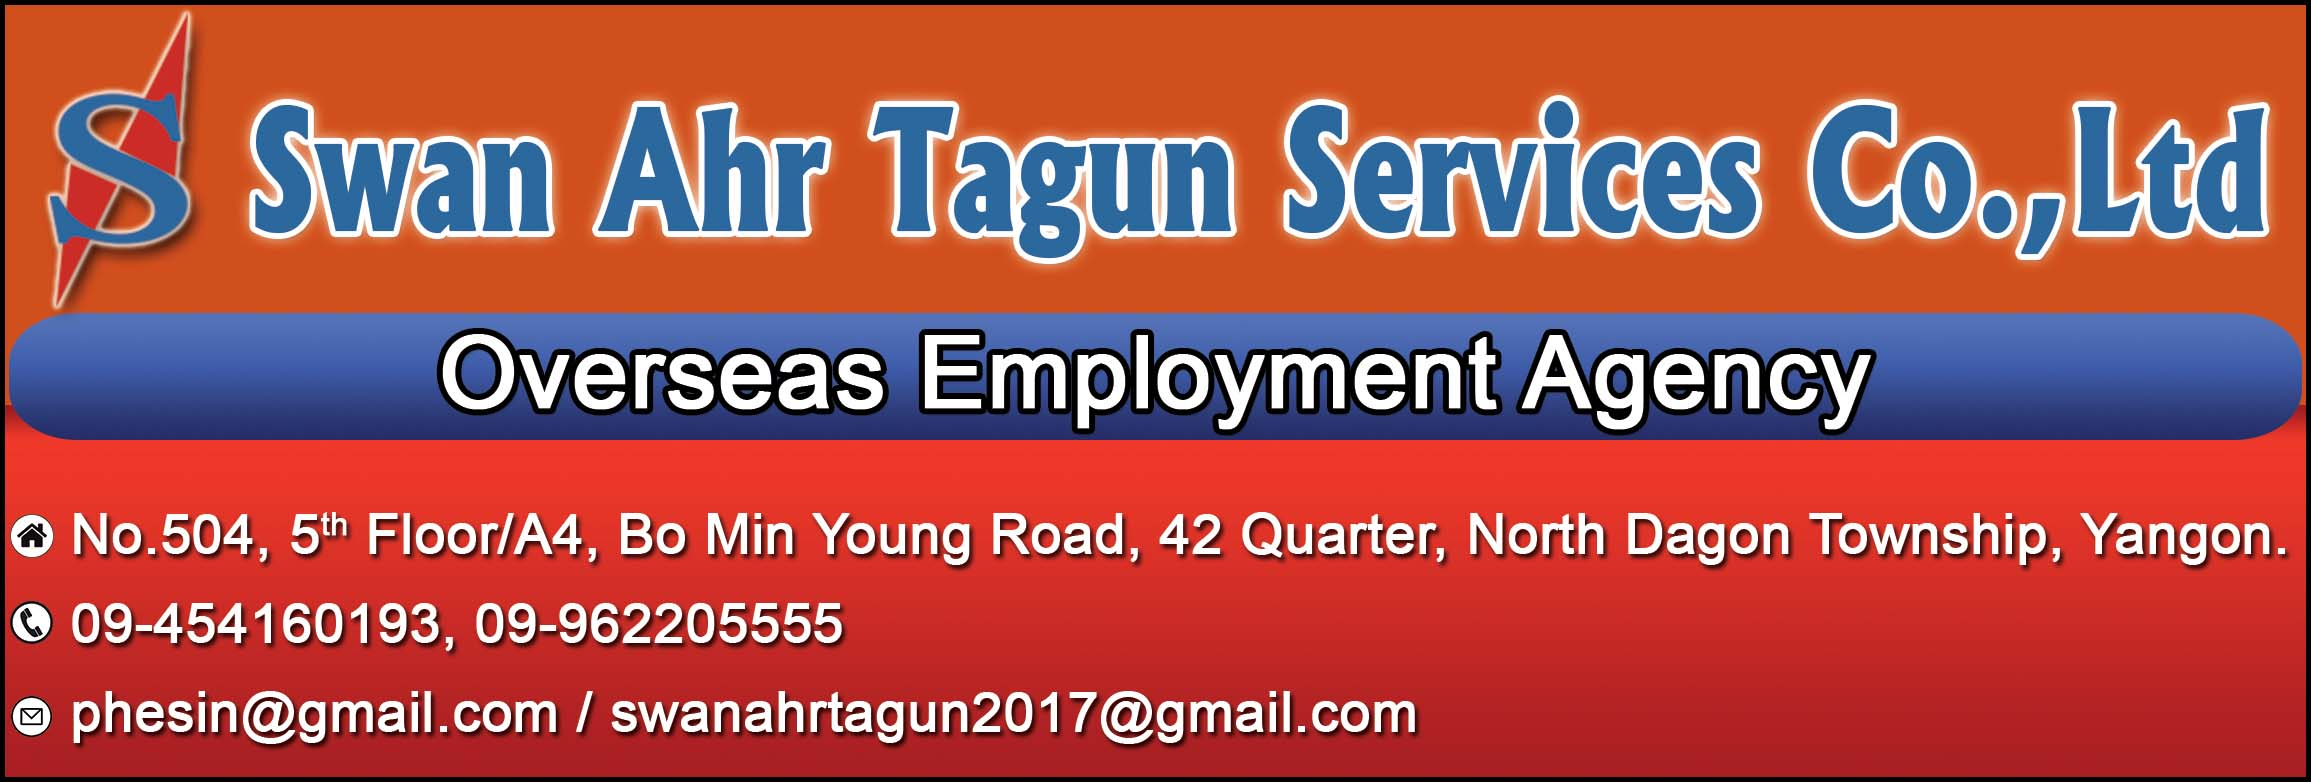 Swan Ahr Tagun Services Co., Ltd.